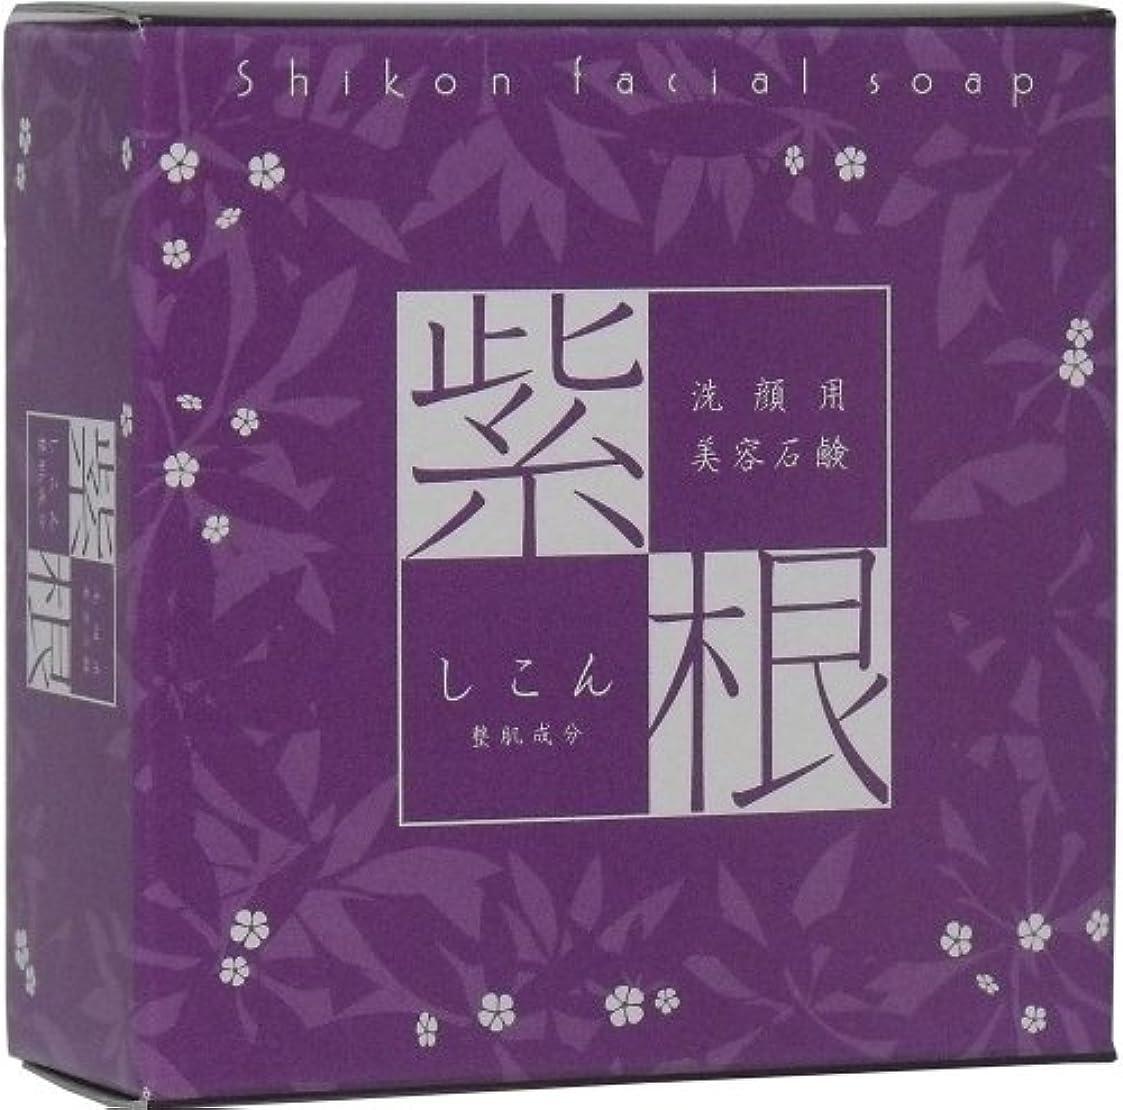 貪欲規則性ハンカチ洗顔用 紫根石けん (泡立てネット付き) 100g ×6個セット